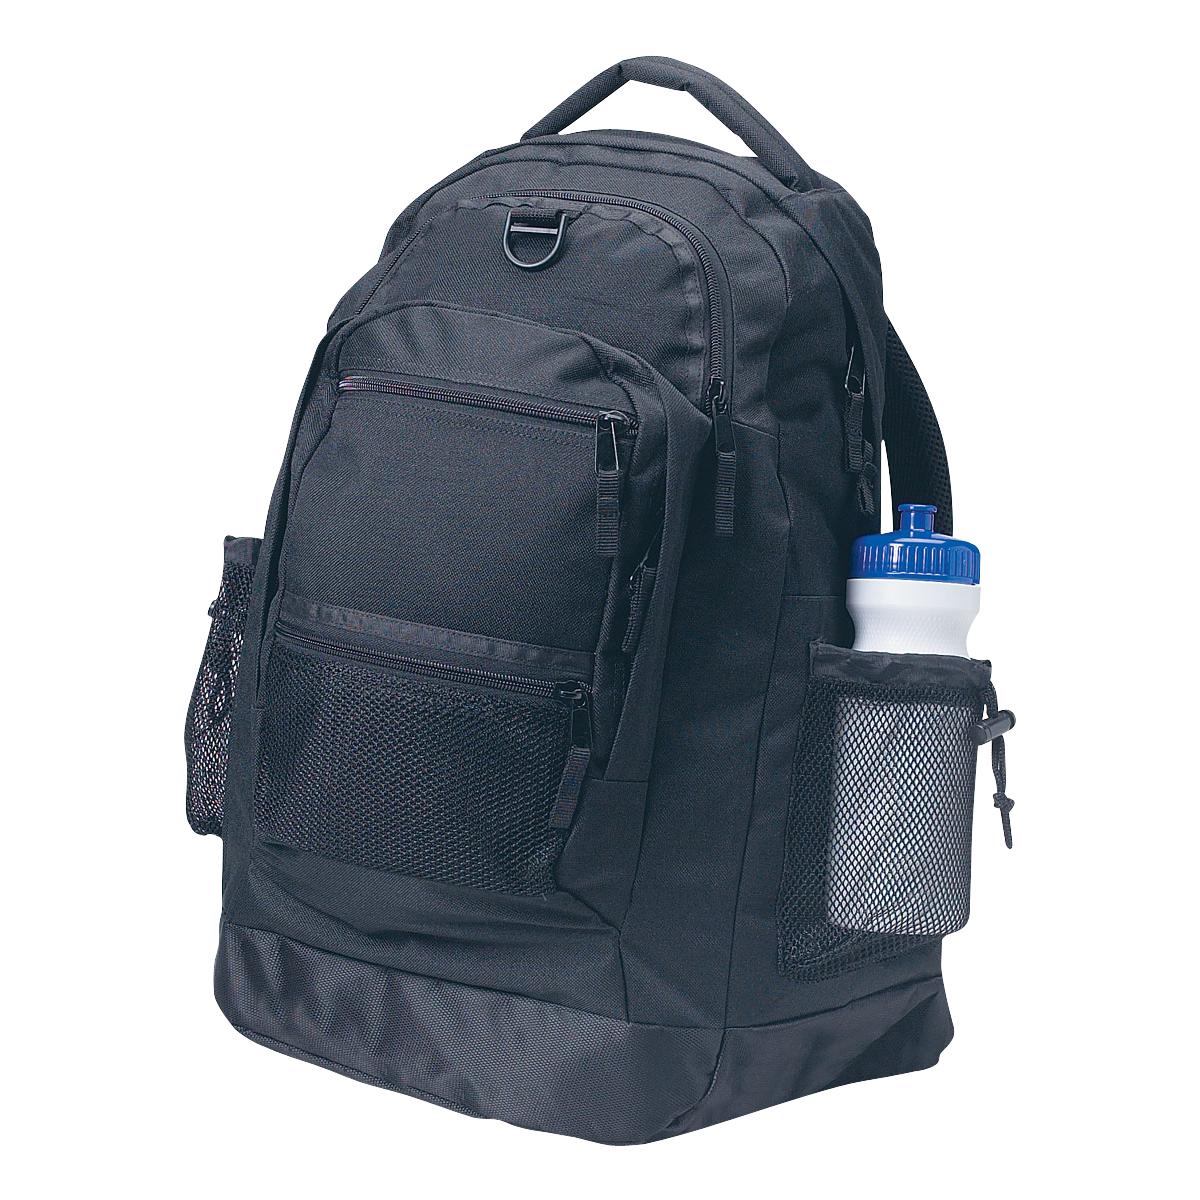 3017 - Backpack deportiva